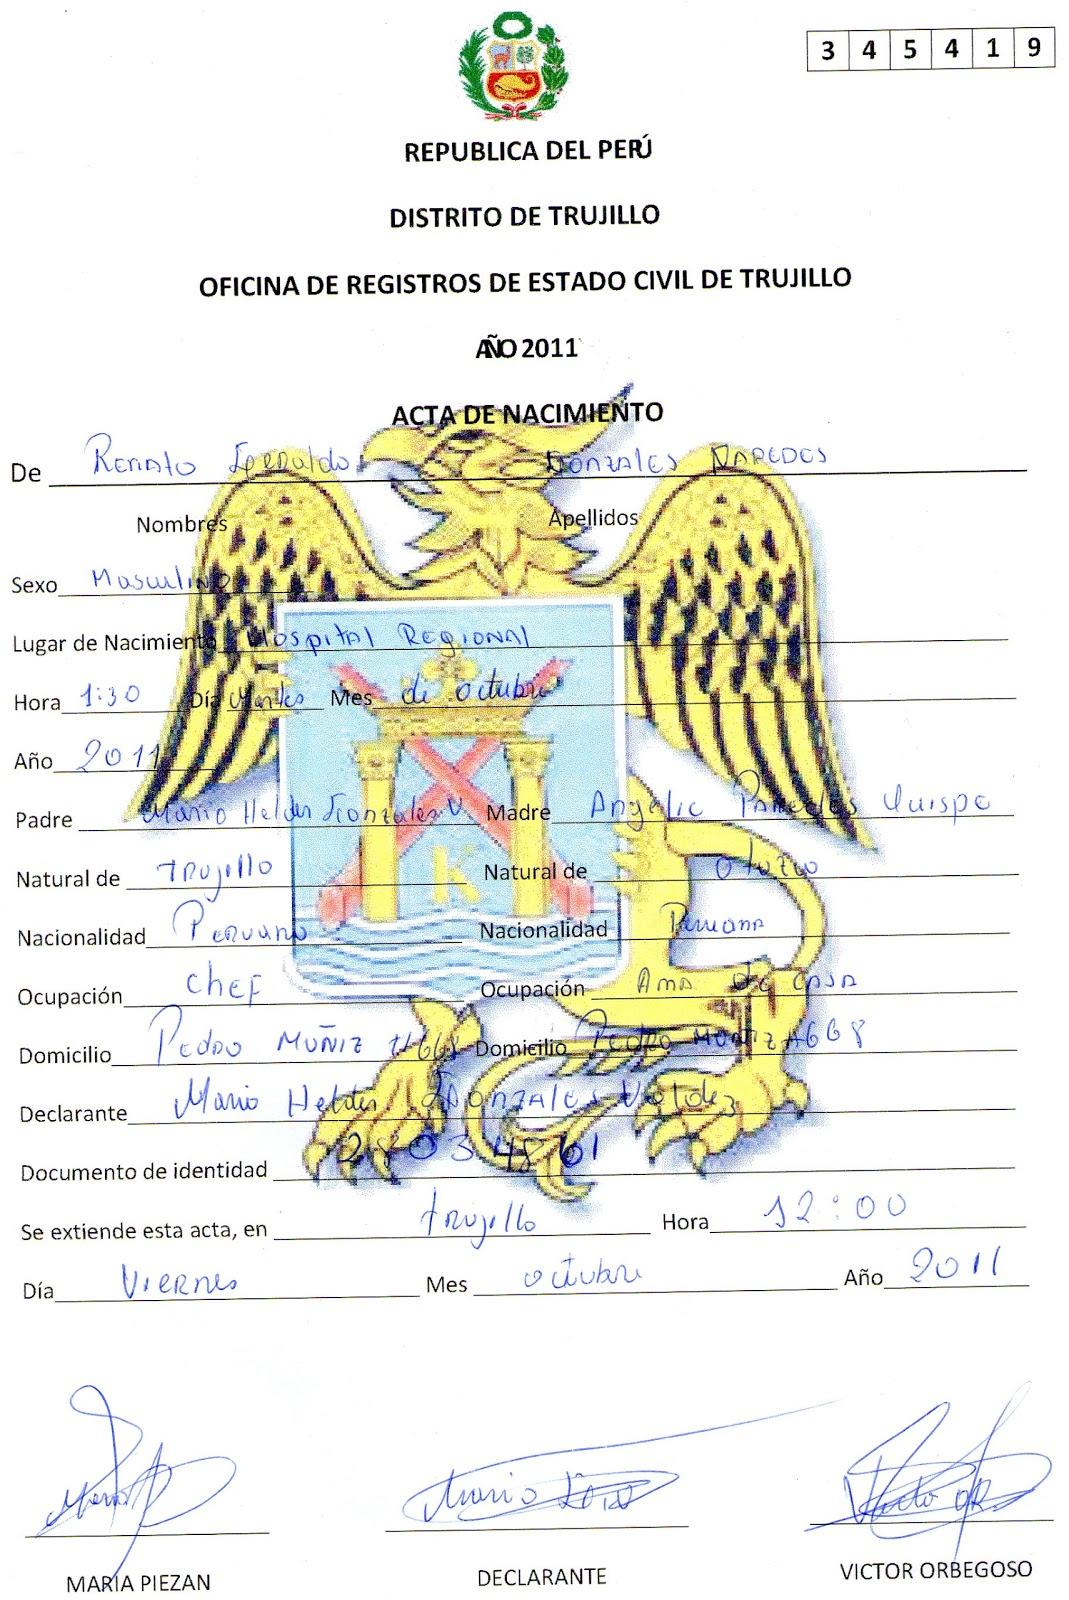 MIX DE CONOCIMIENTOS: EJEMPLO DE PARTIDA DE NACIMIENTO O DNI (Amarillo)